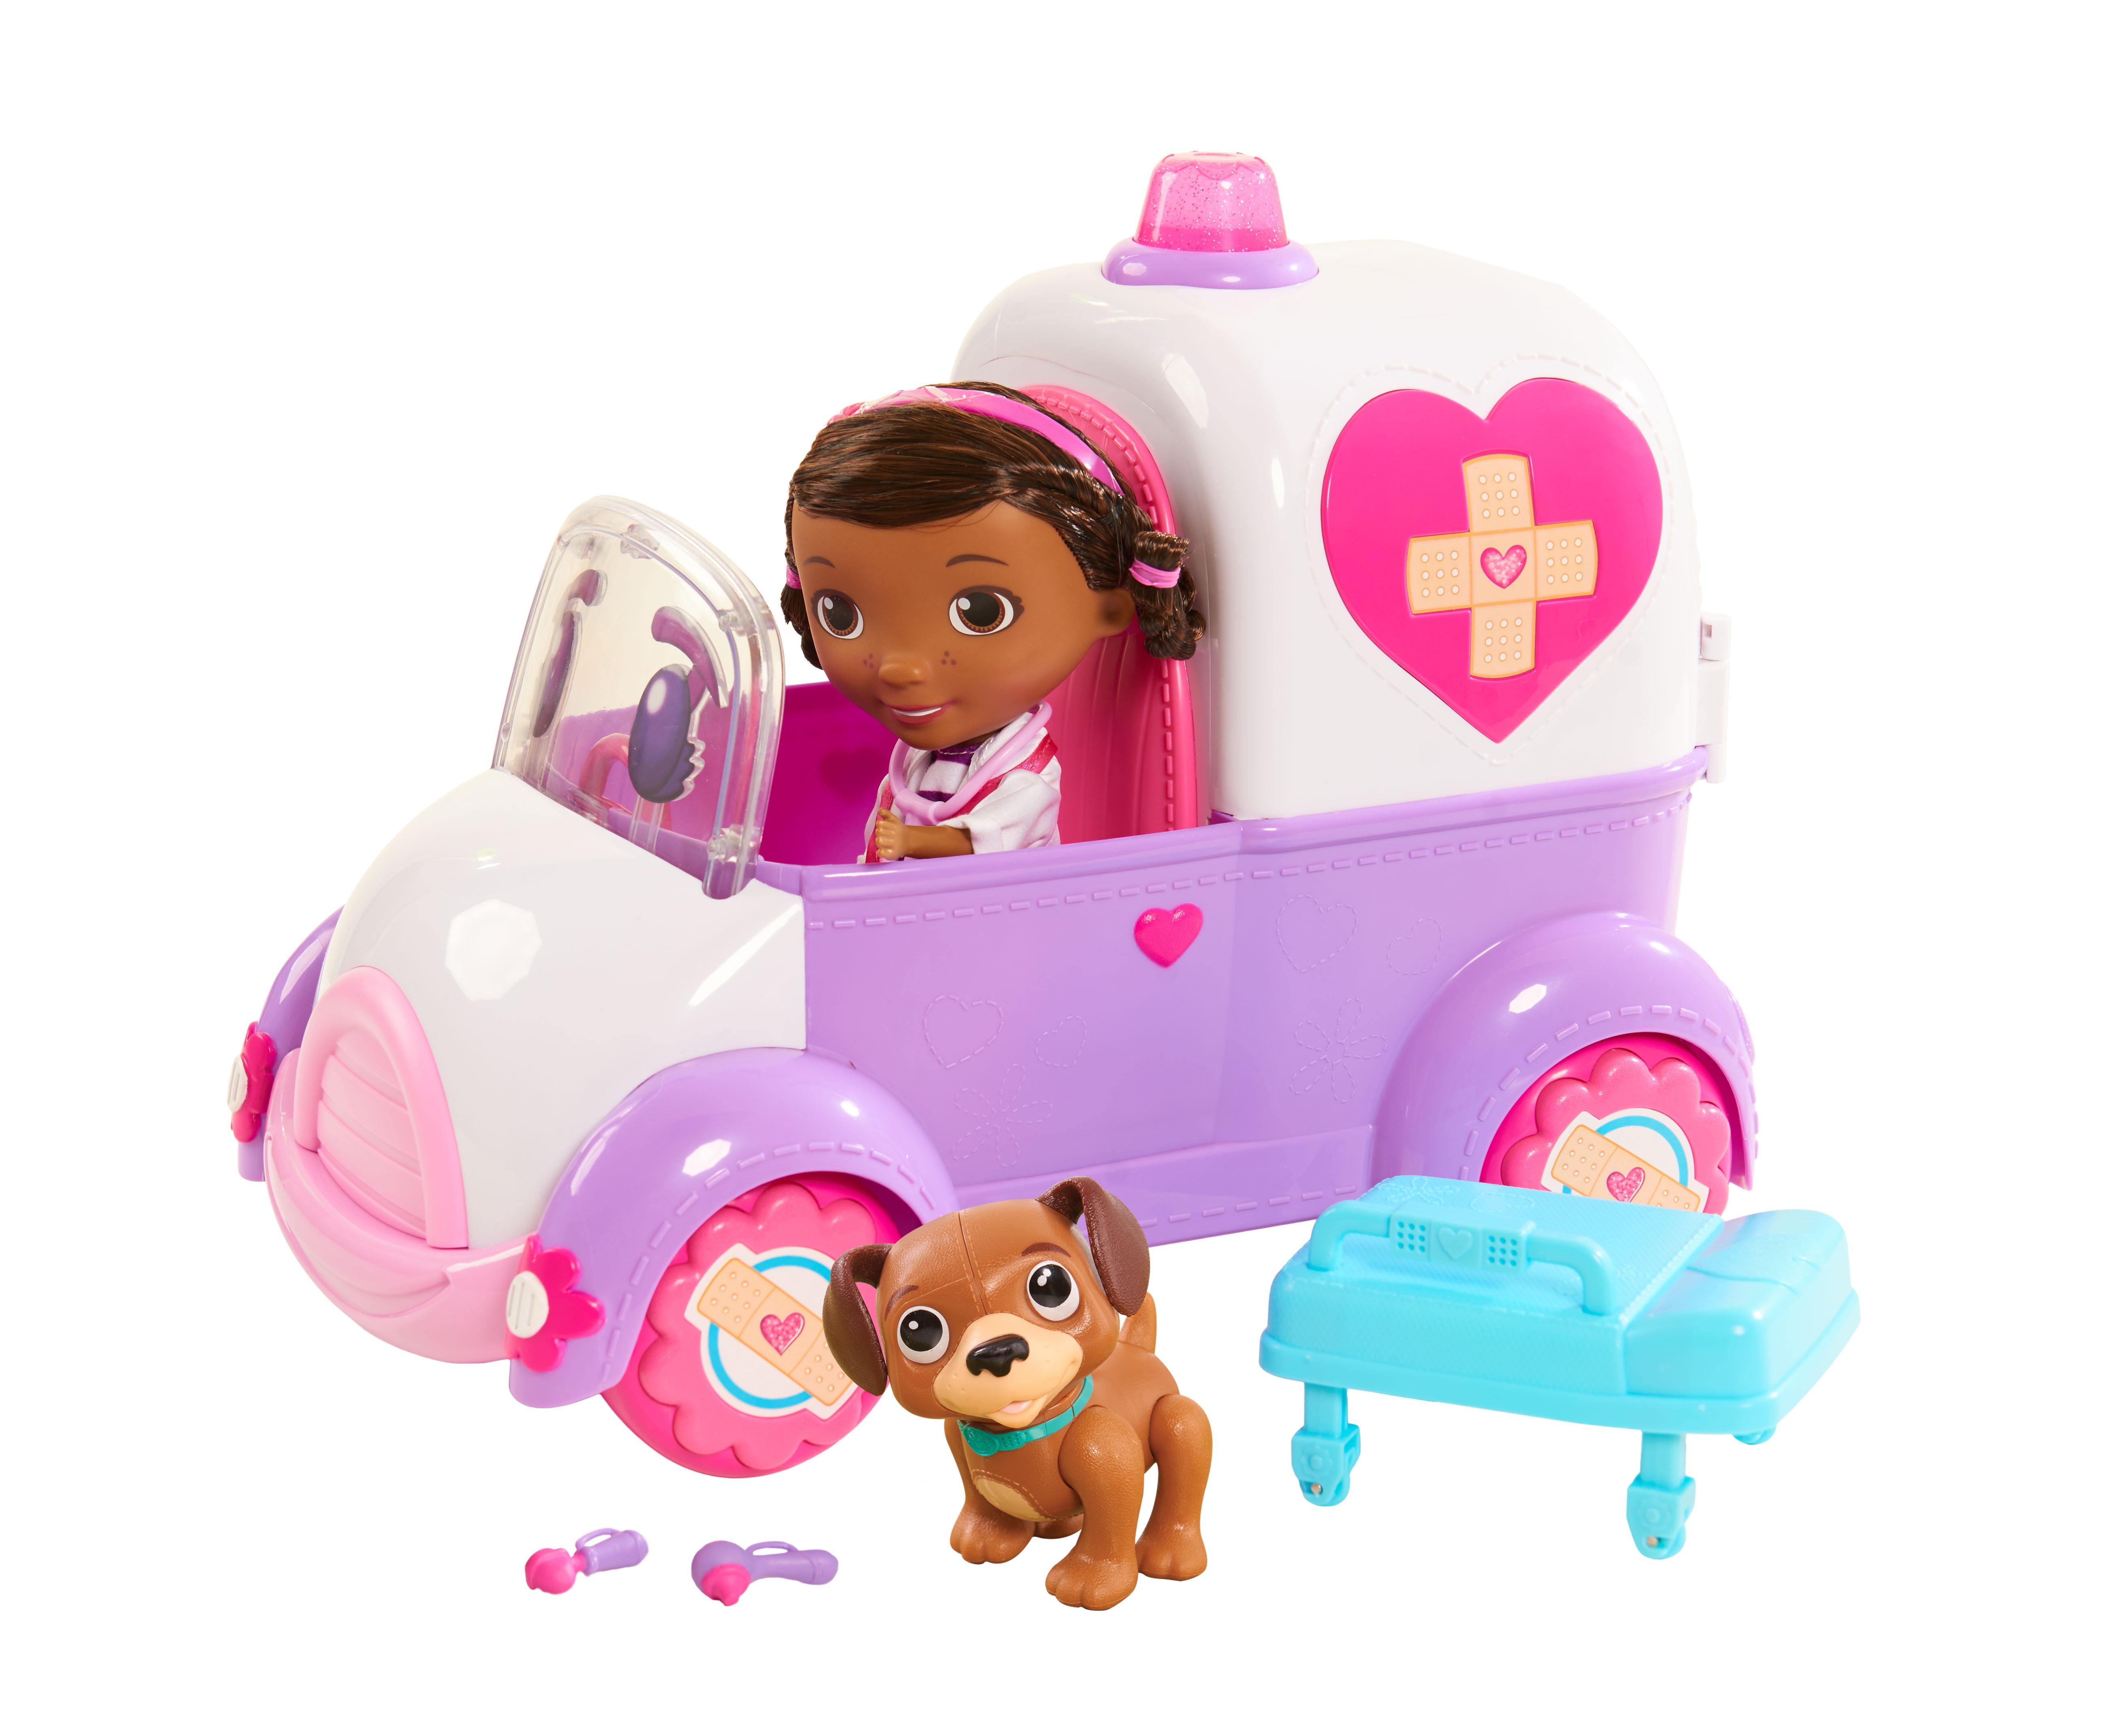 Disney Doc McStuffins Rosie the Rescuer - Kmart Exclusive! PartNumber: 004W008438421001P KsnValue: 004W008438421001